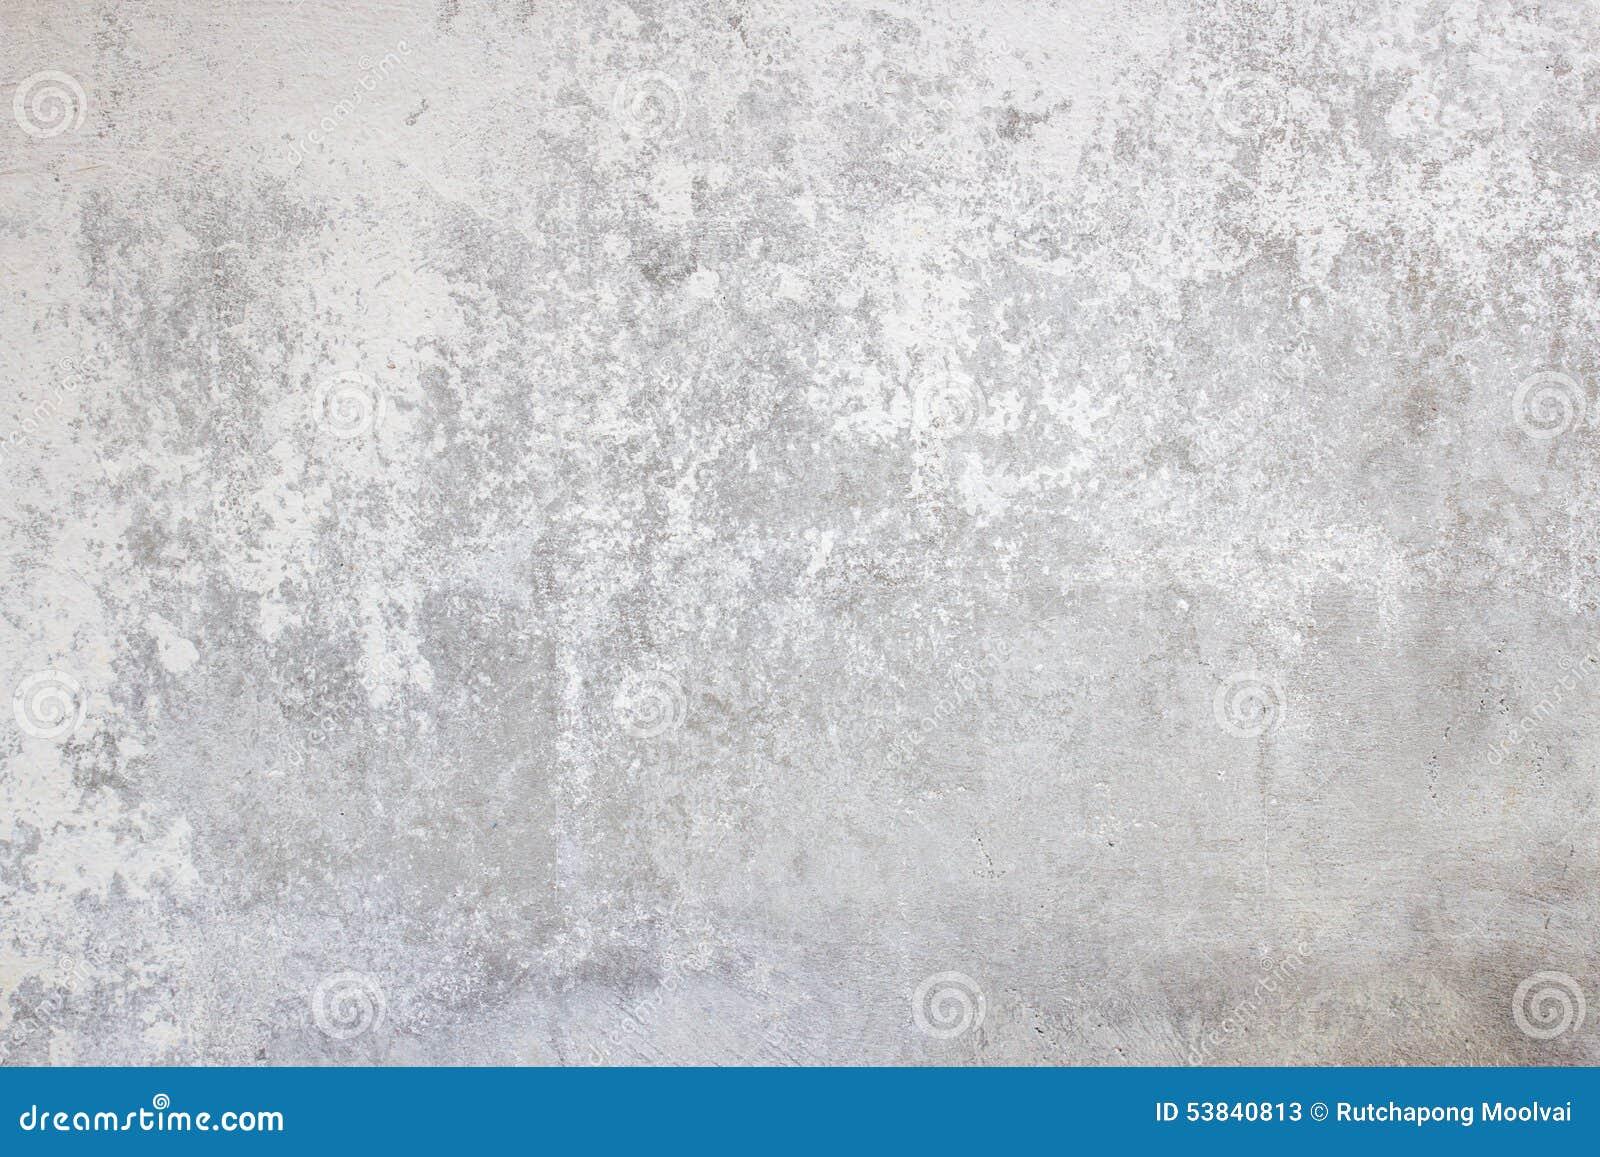 水泥墙壁纹理肮脏的概略的难看的东西背景